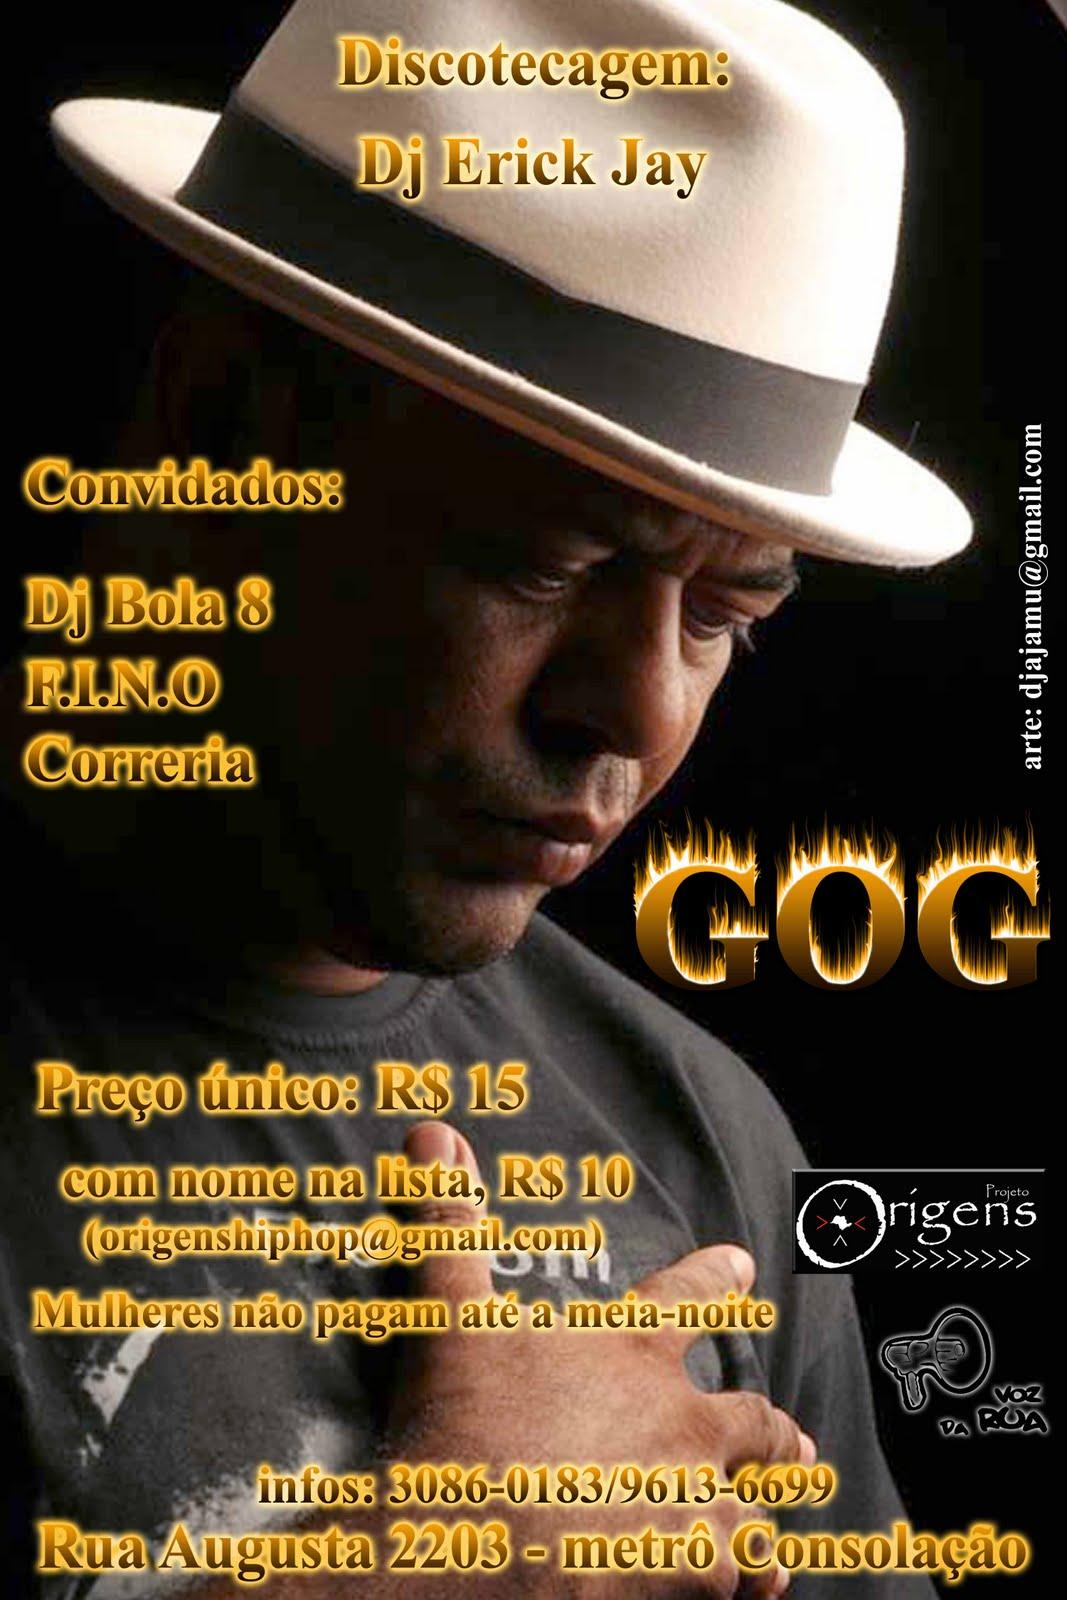 http://2.bp.blogspot.com/_mbCf5q_XD2E/TIU4QhPk61I/AAAAAAAAAHI/jCqmR0aHC2k/s1600/GOG+VERSO.jpg